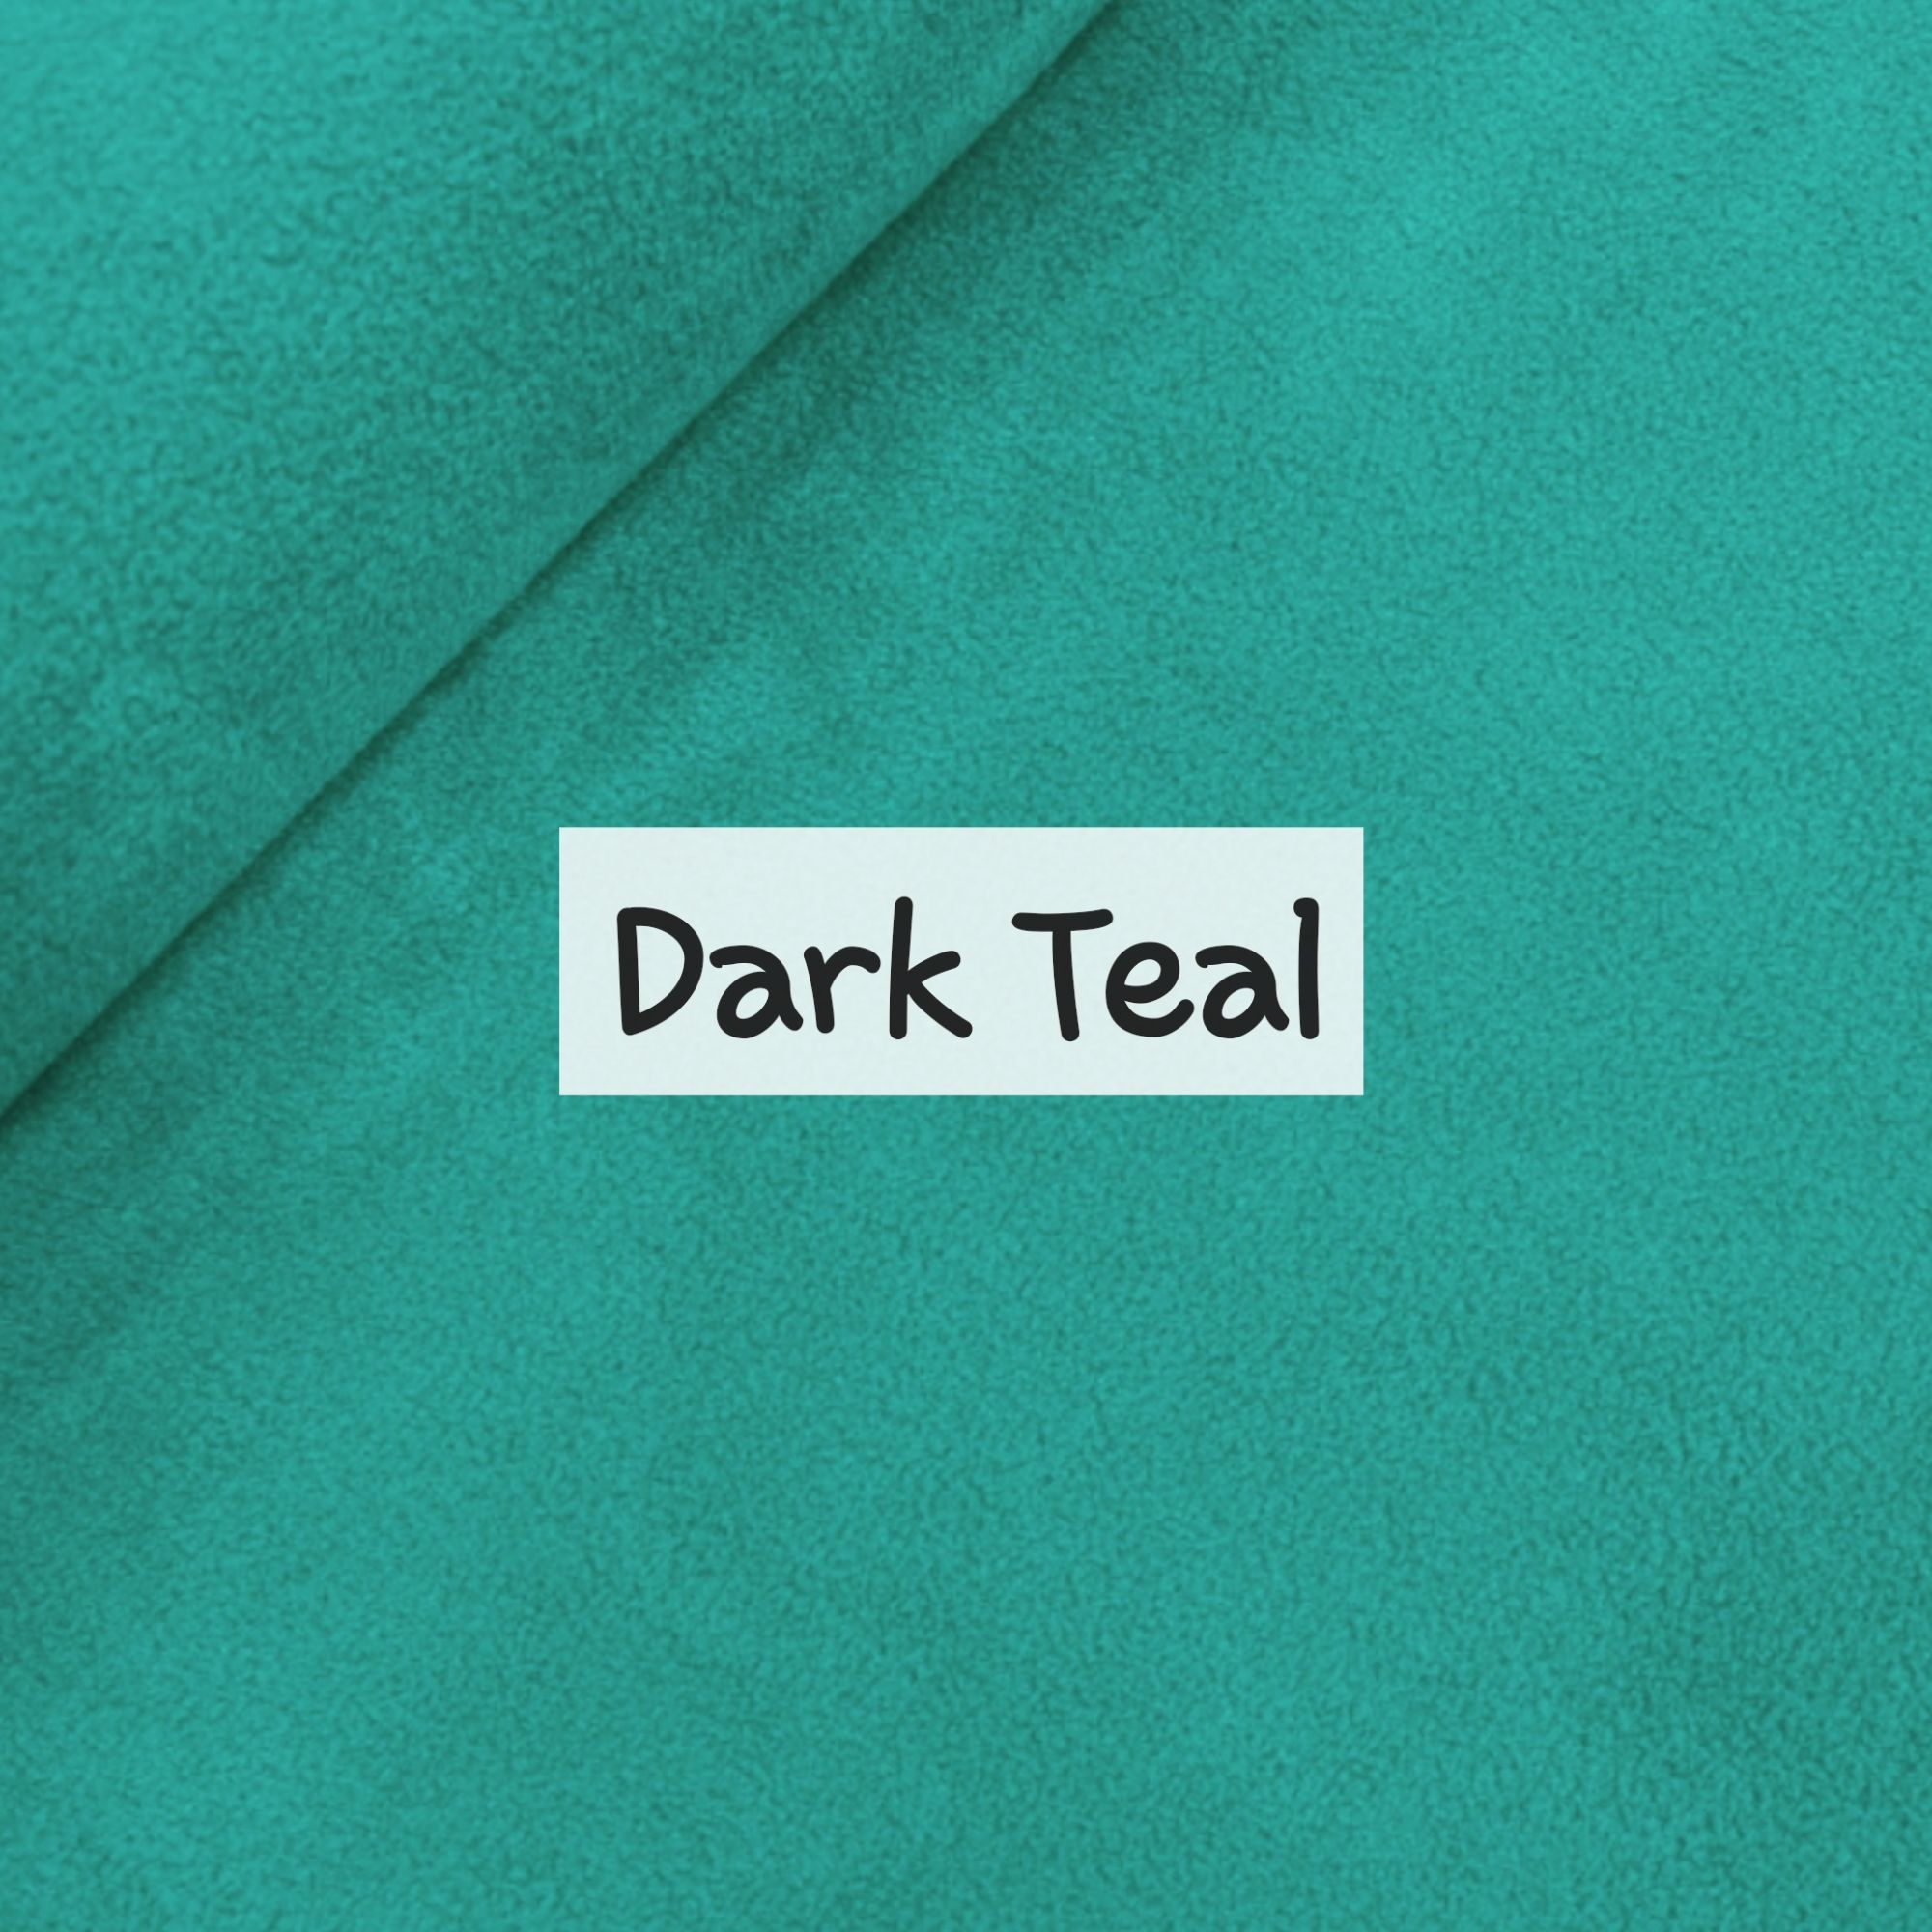 Dark Teal Fleece